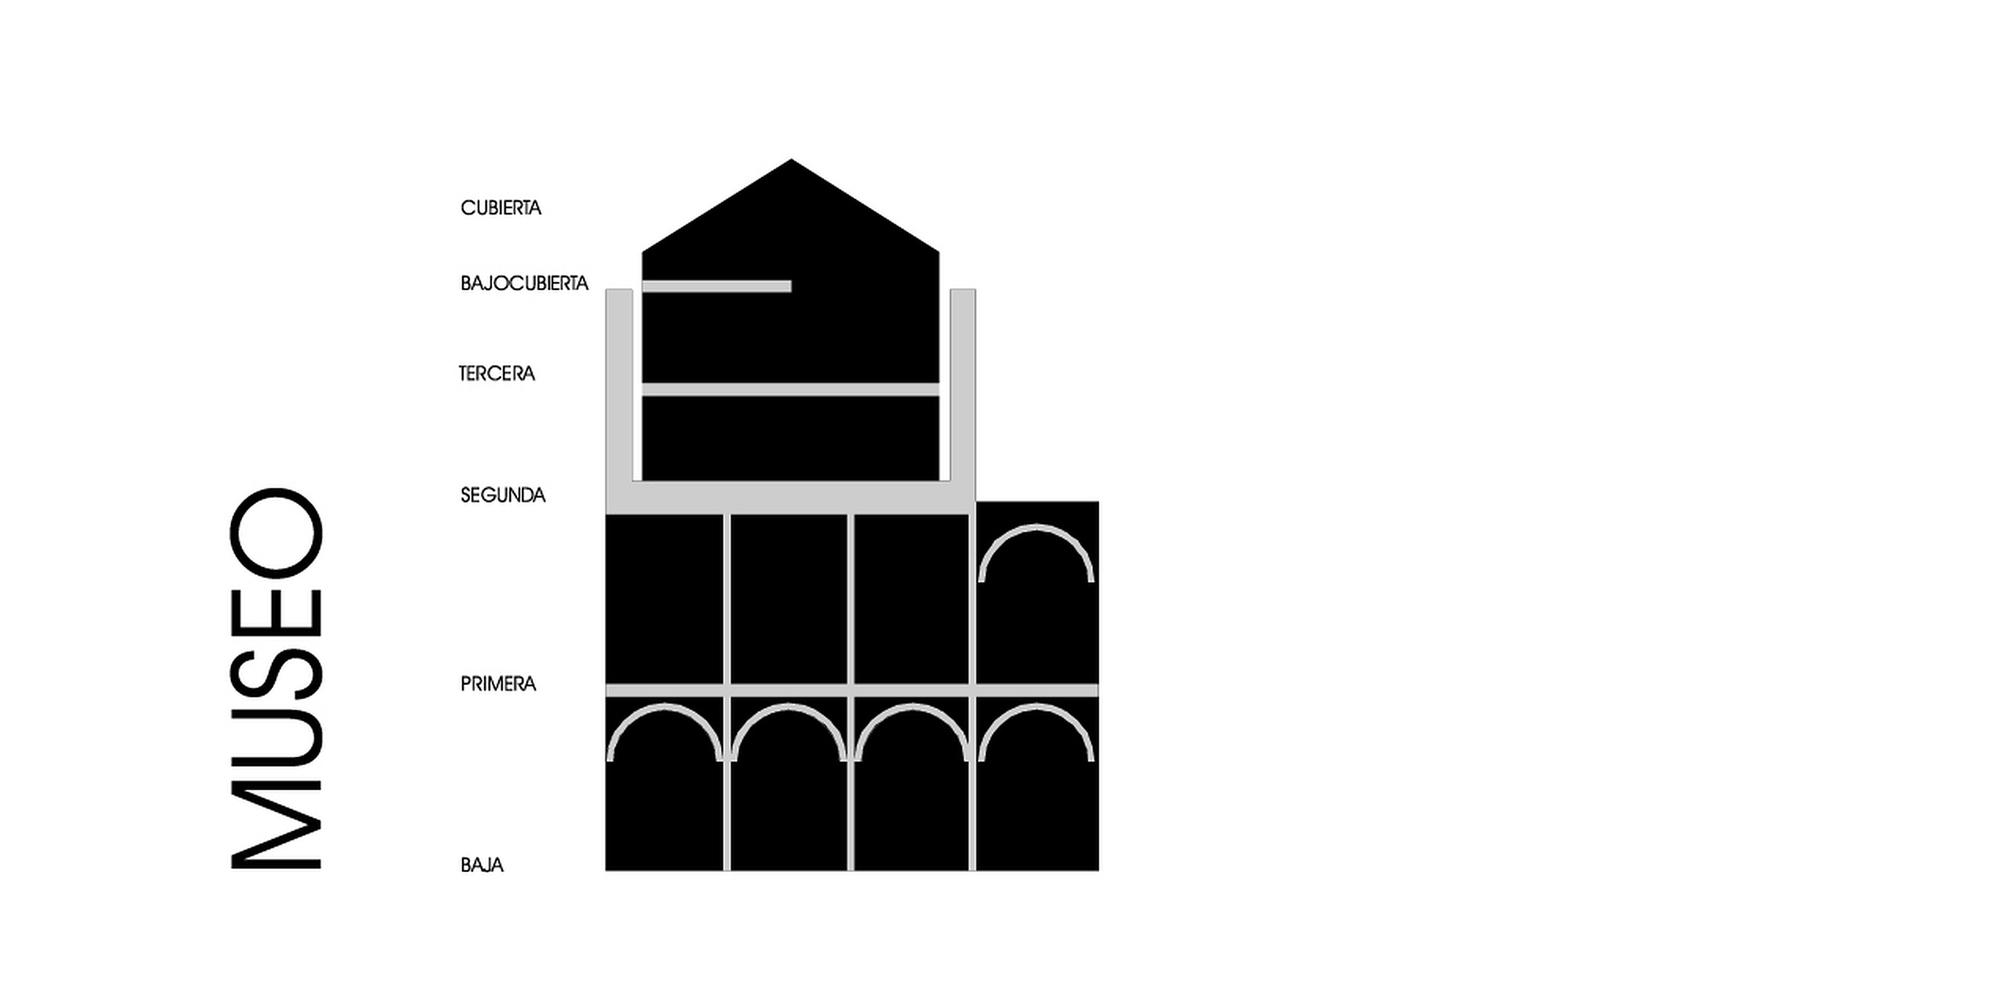 Galer a de museo de m laga pardo tapia arquitectos 17 - Arquitectos interioristas malaga ...